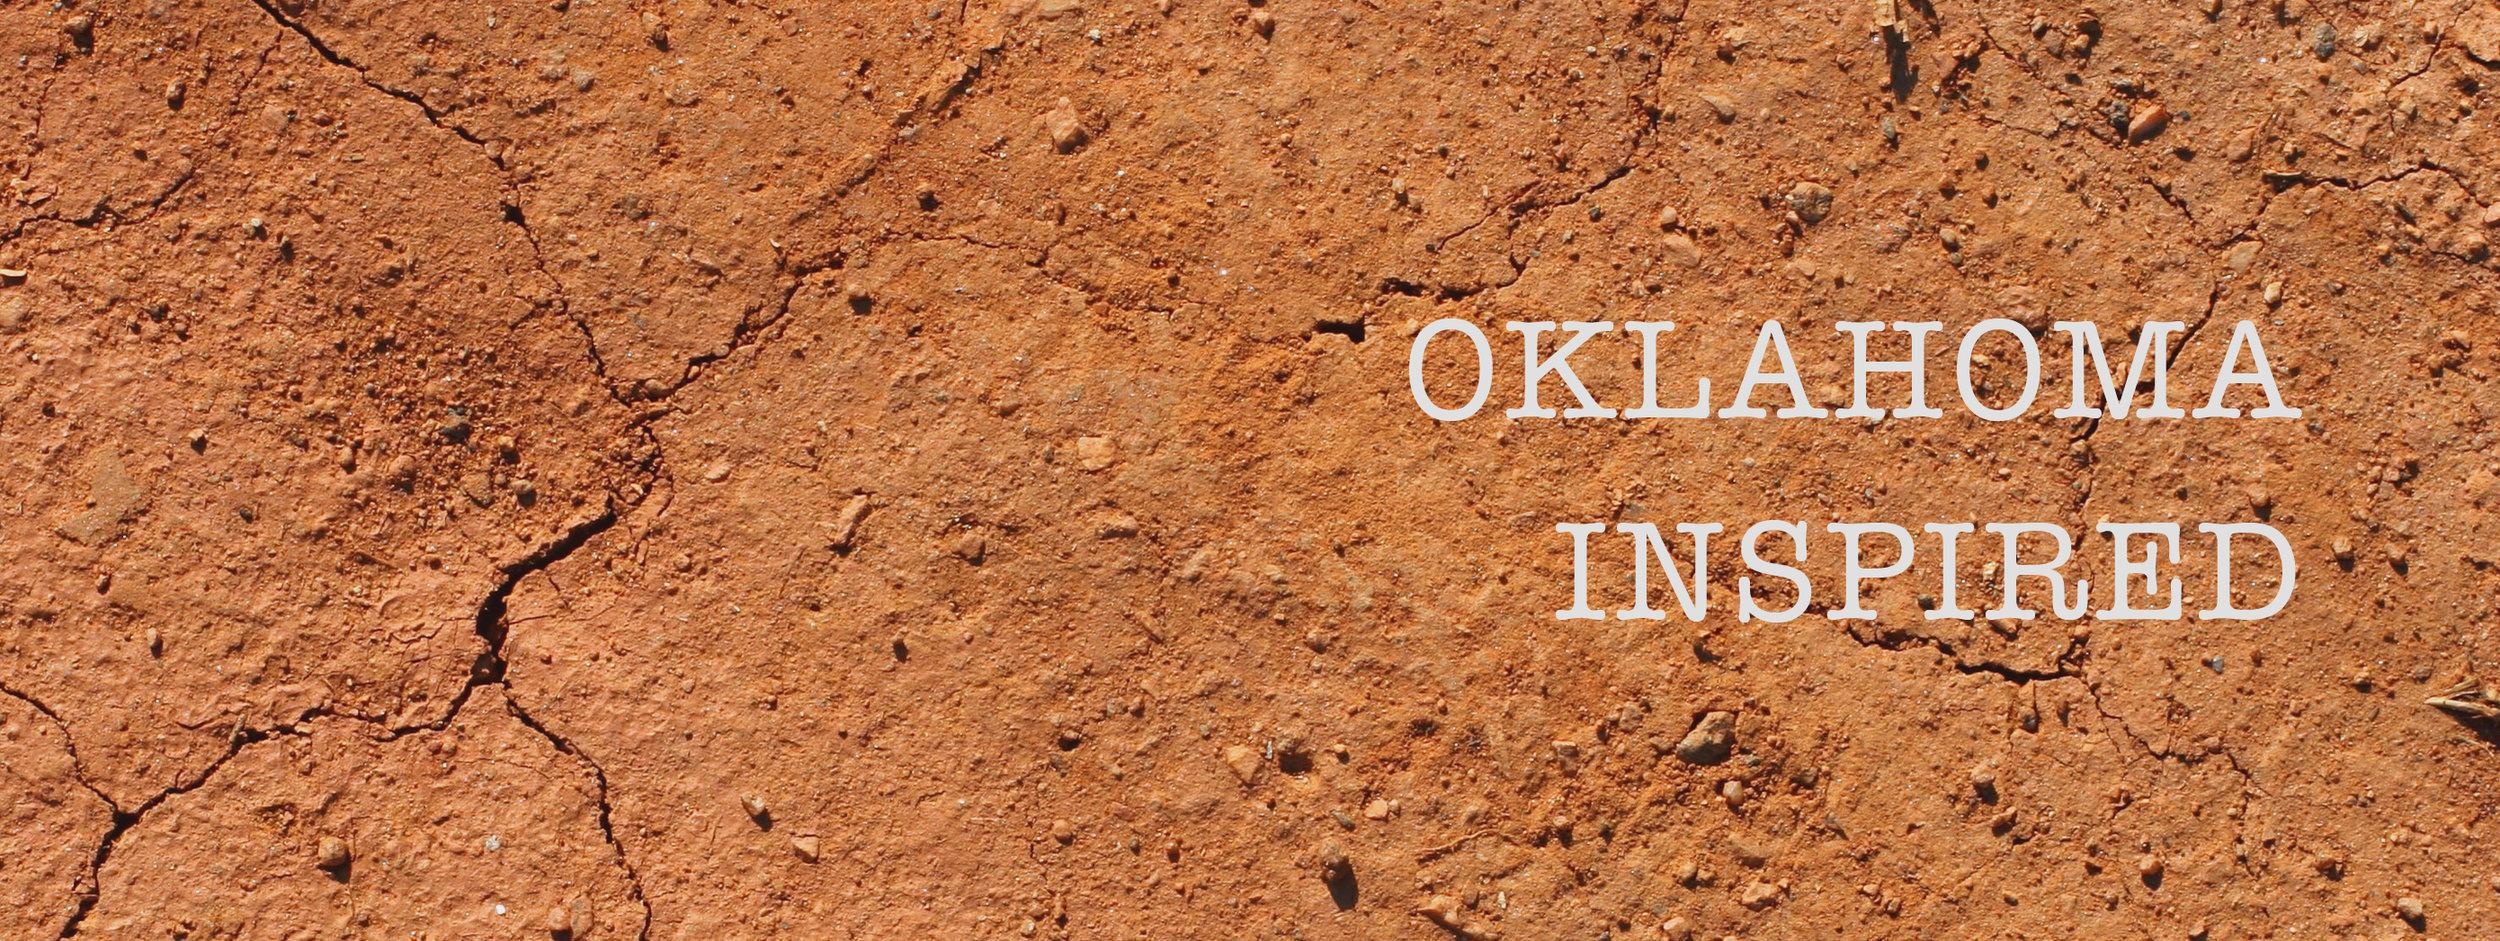 oklahoma inspired banner cropped.jpg